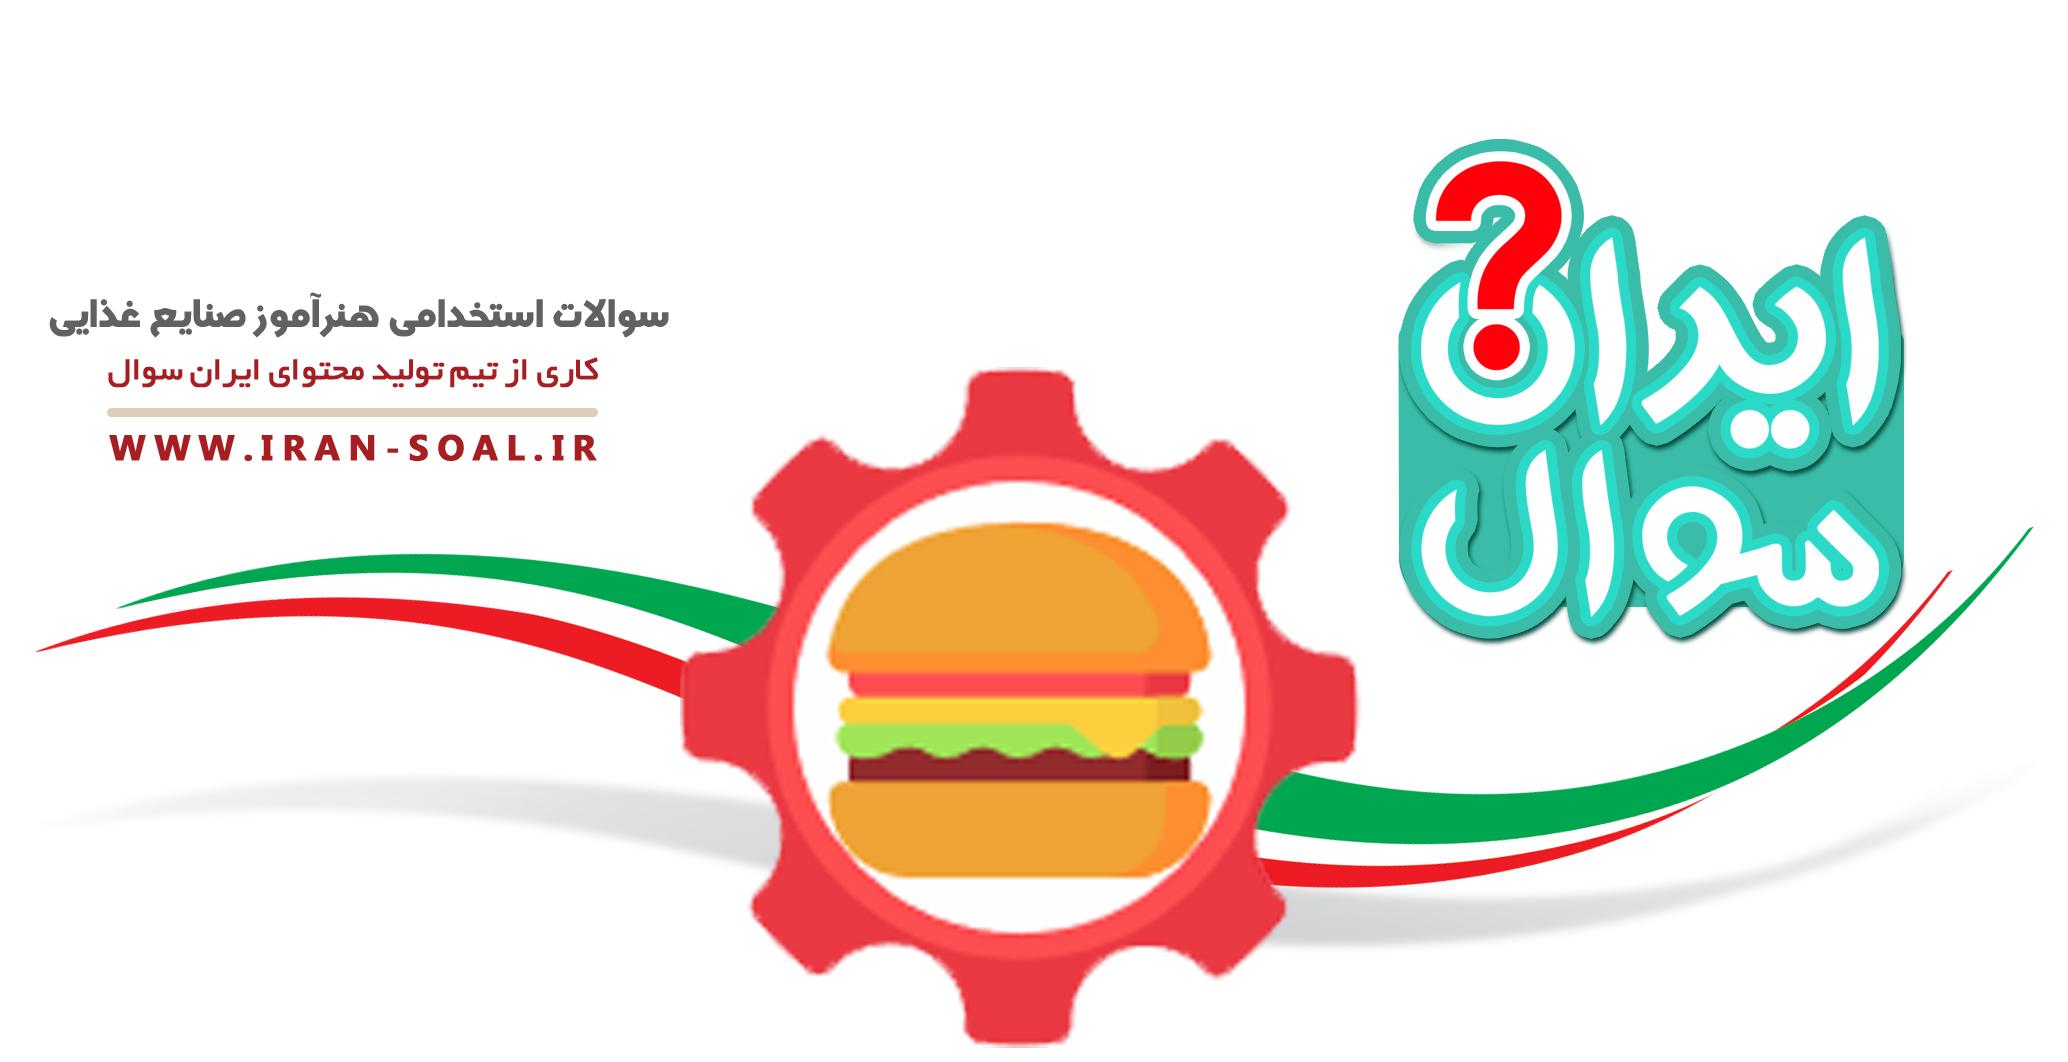 سوالات استخدامی هنرآموز صنایع غذایی آموزش و پرورش